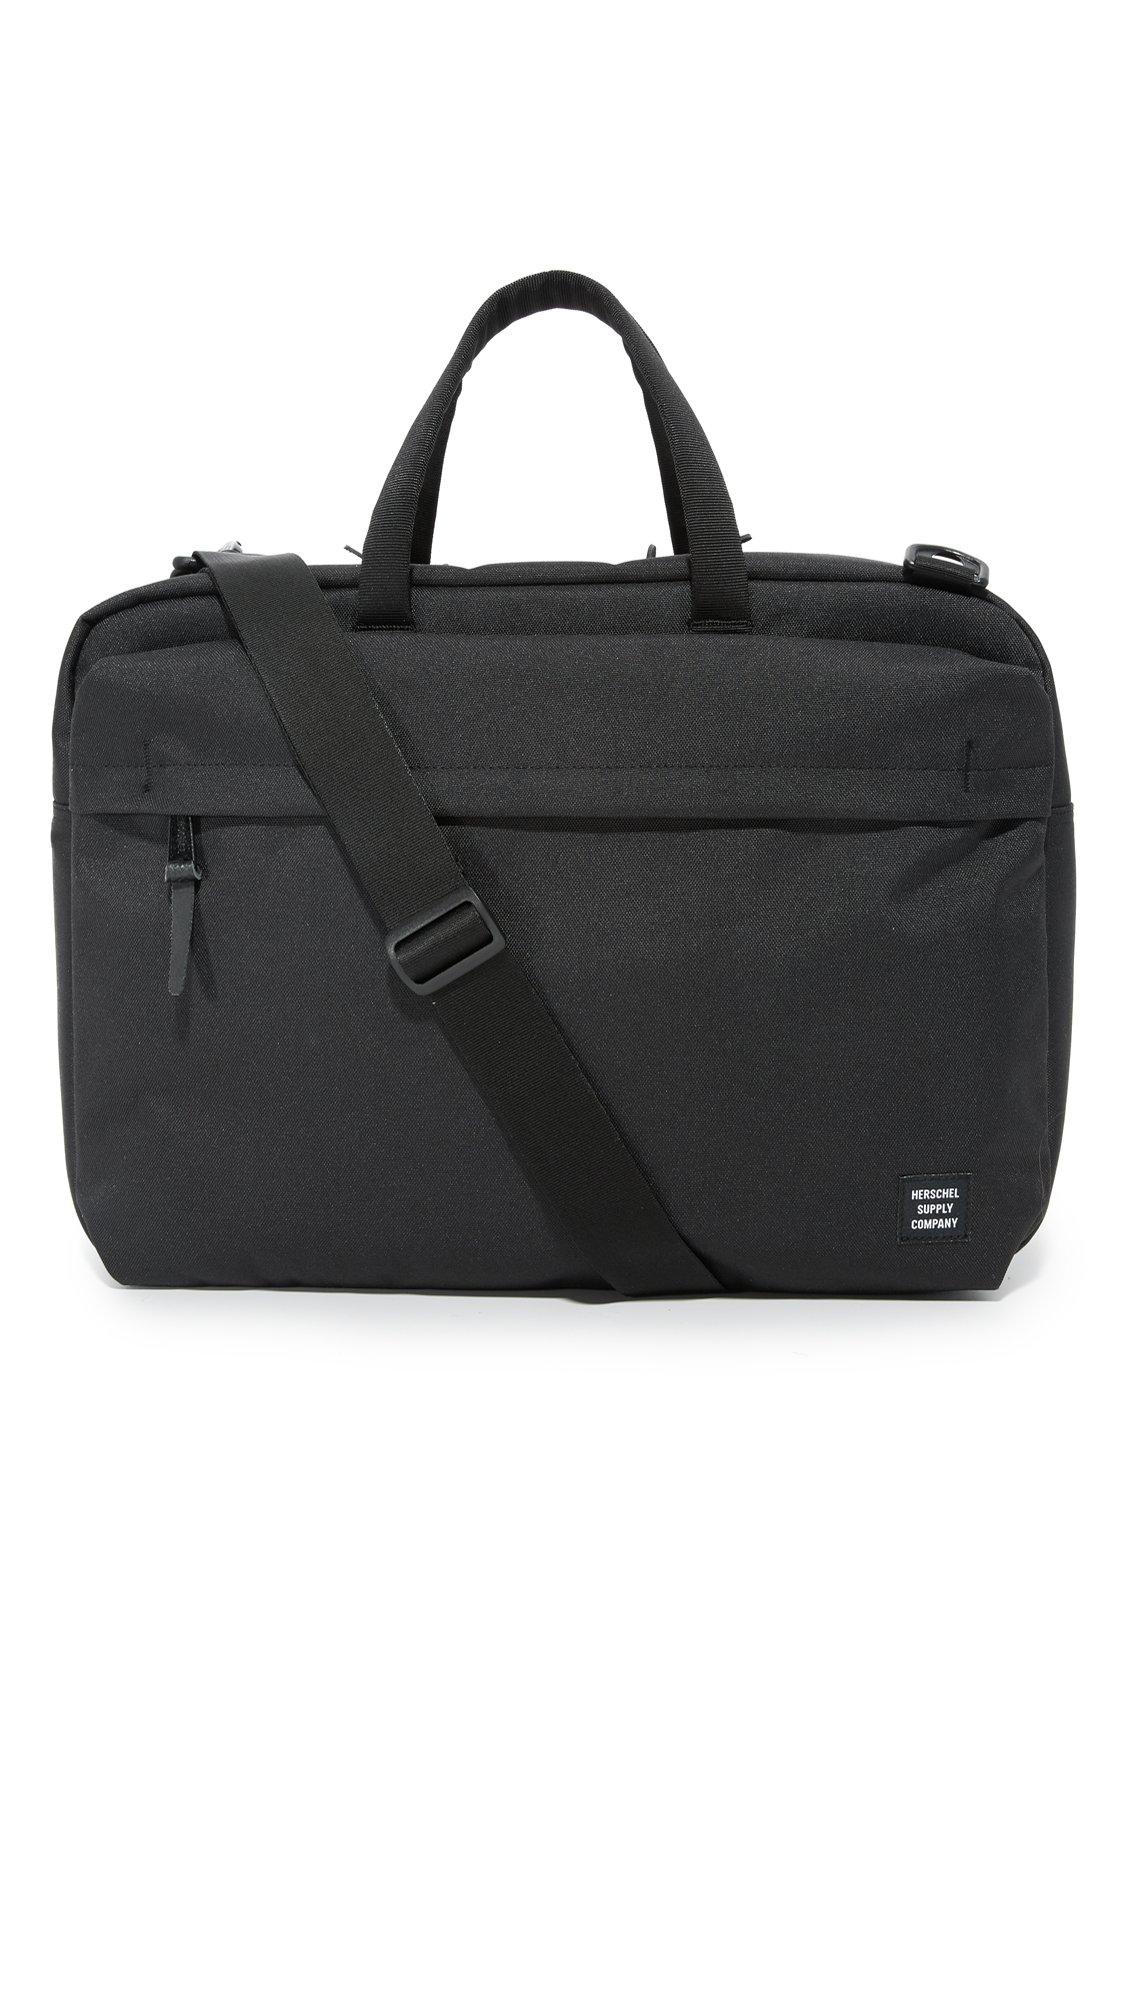 Herschel Supply Co. Sandford Messenger Bag, Black